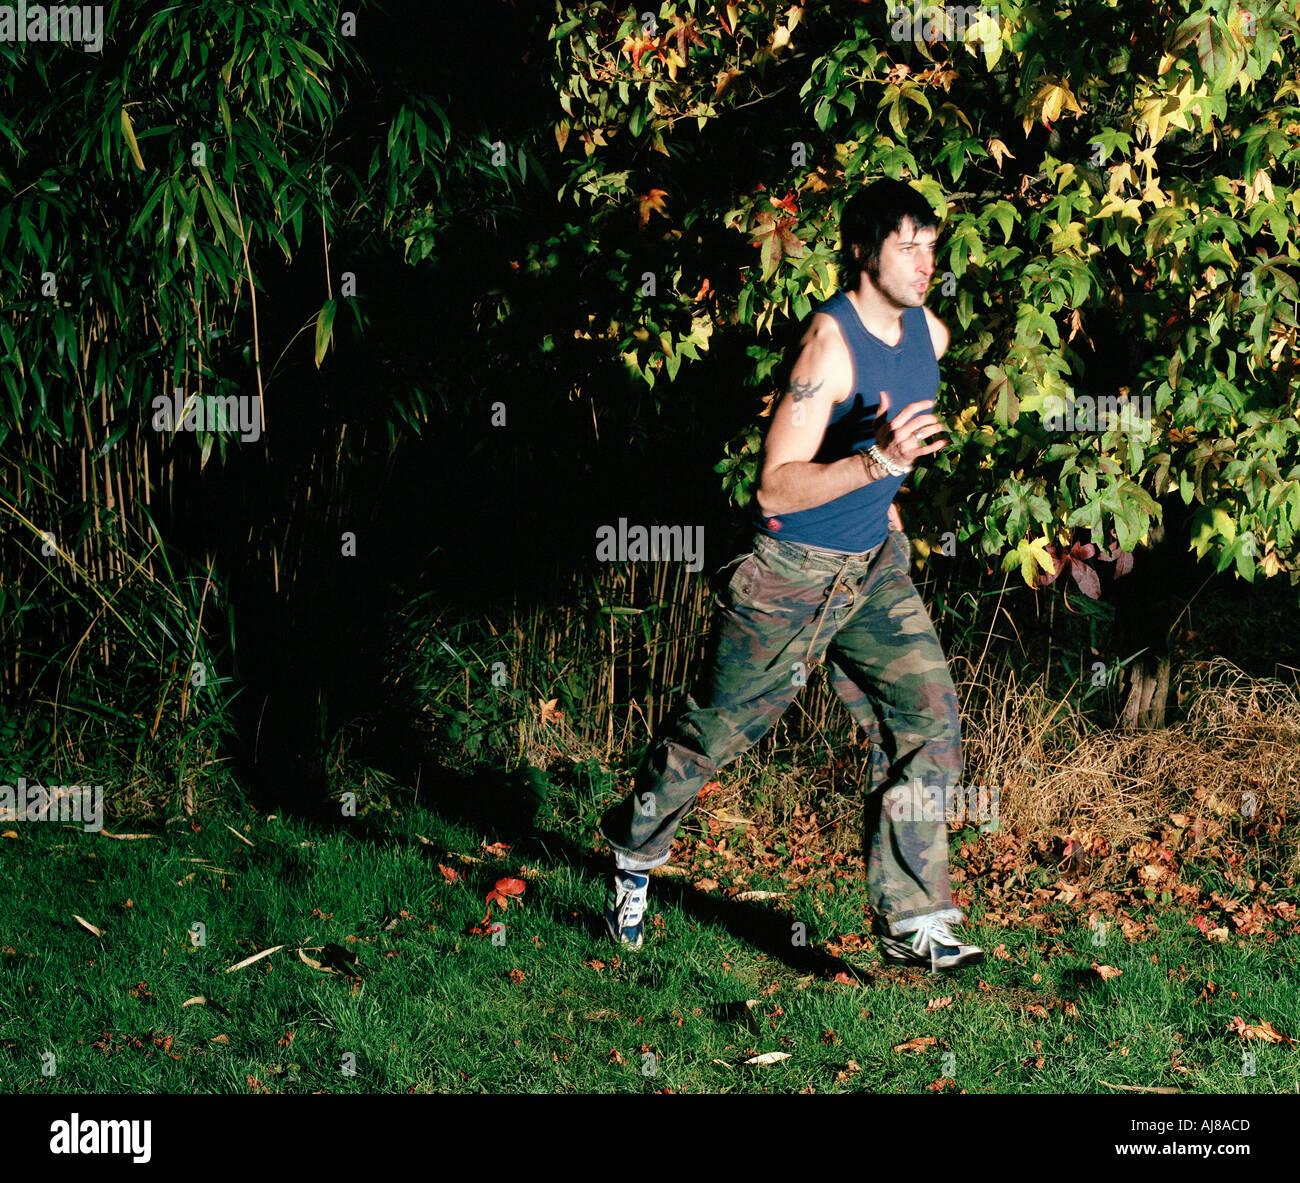 Homme qui court à travers les bois dans la nuit Photo Stock